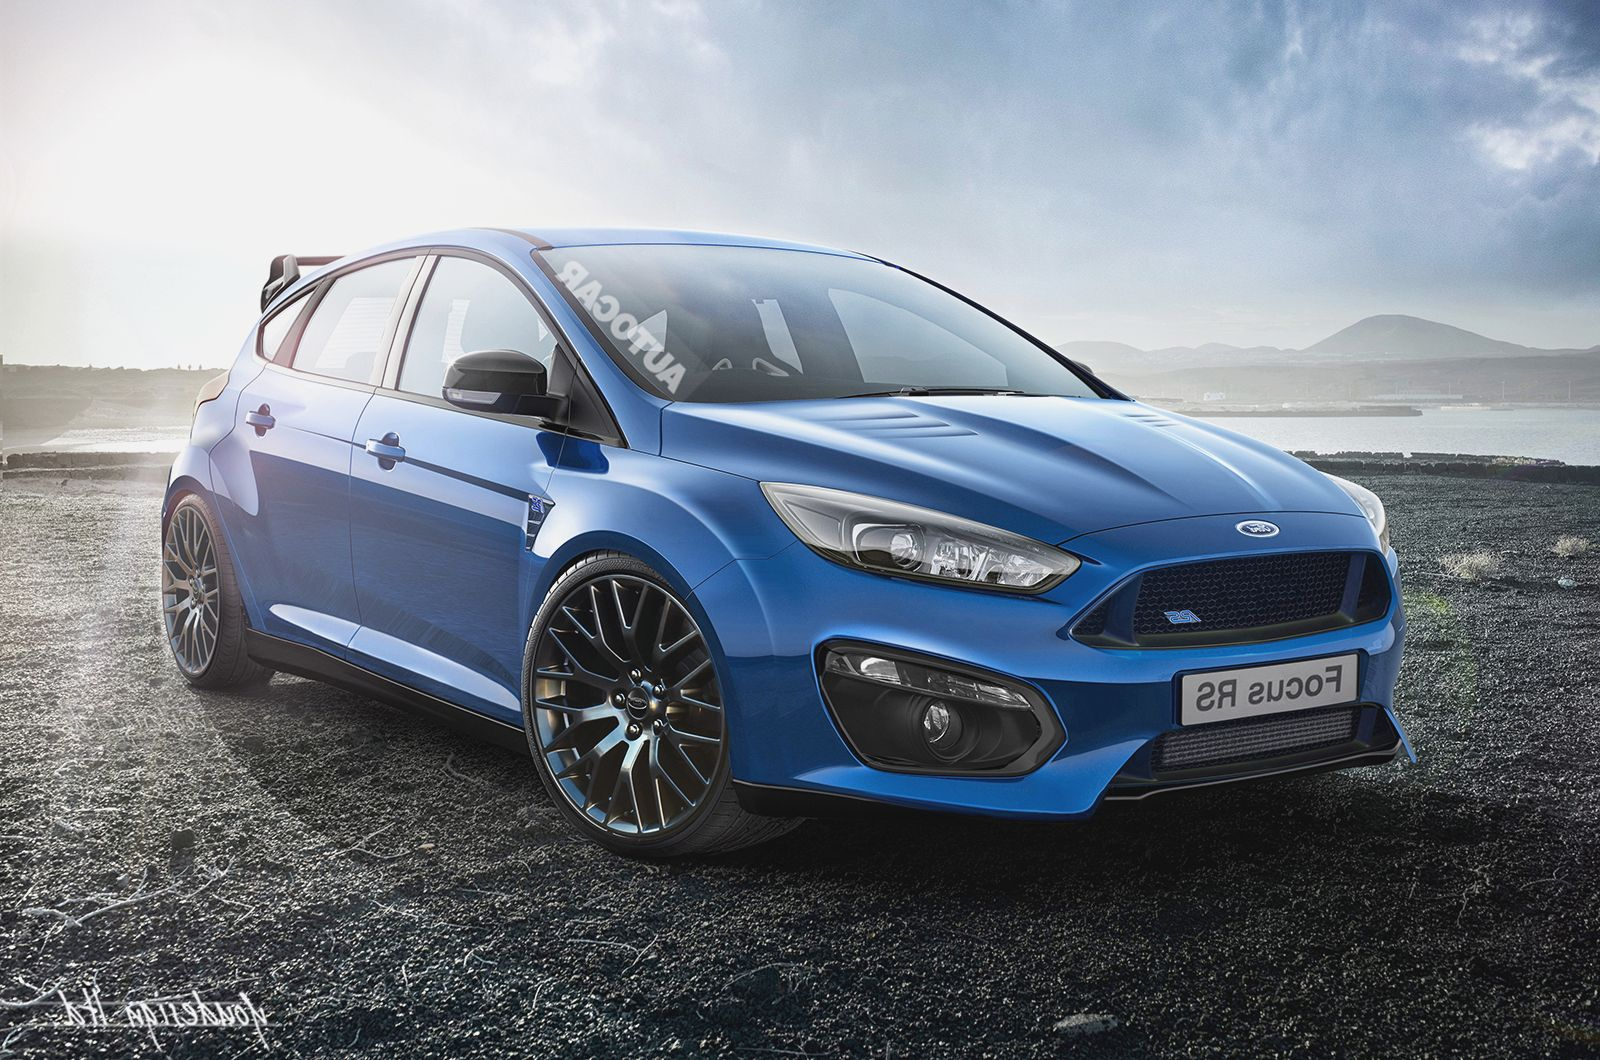 30 2016 Ford Focus Rs Wallpaper On Wallpapersafari